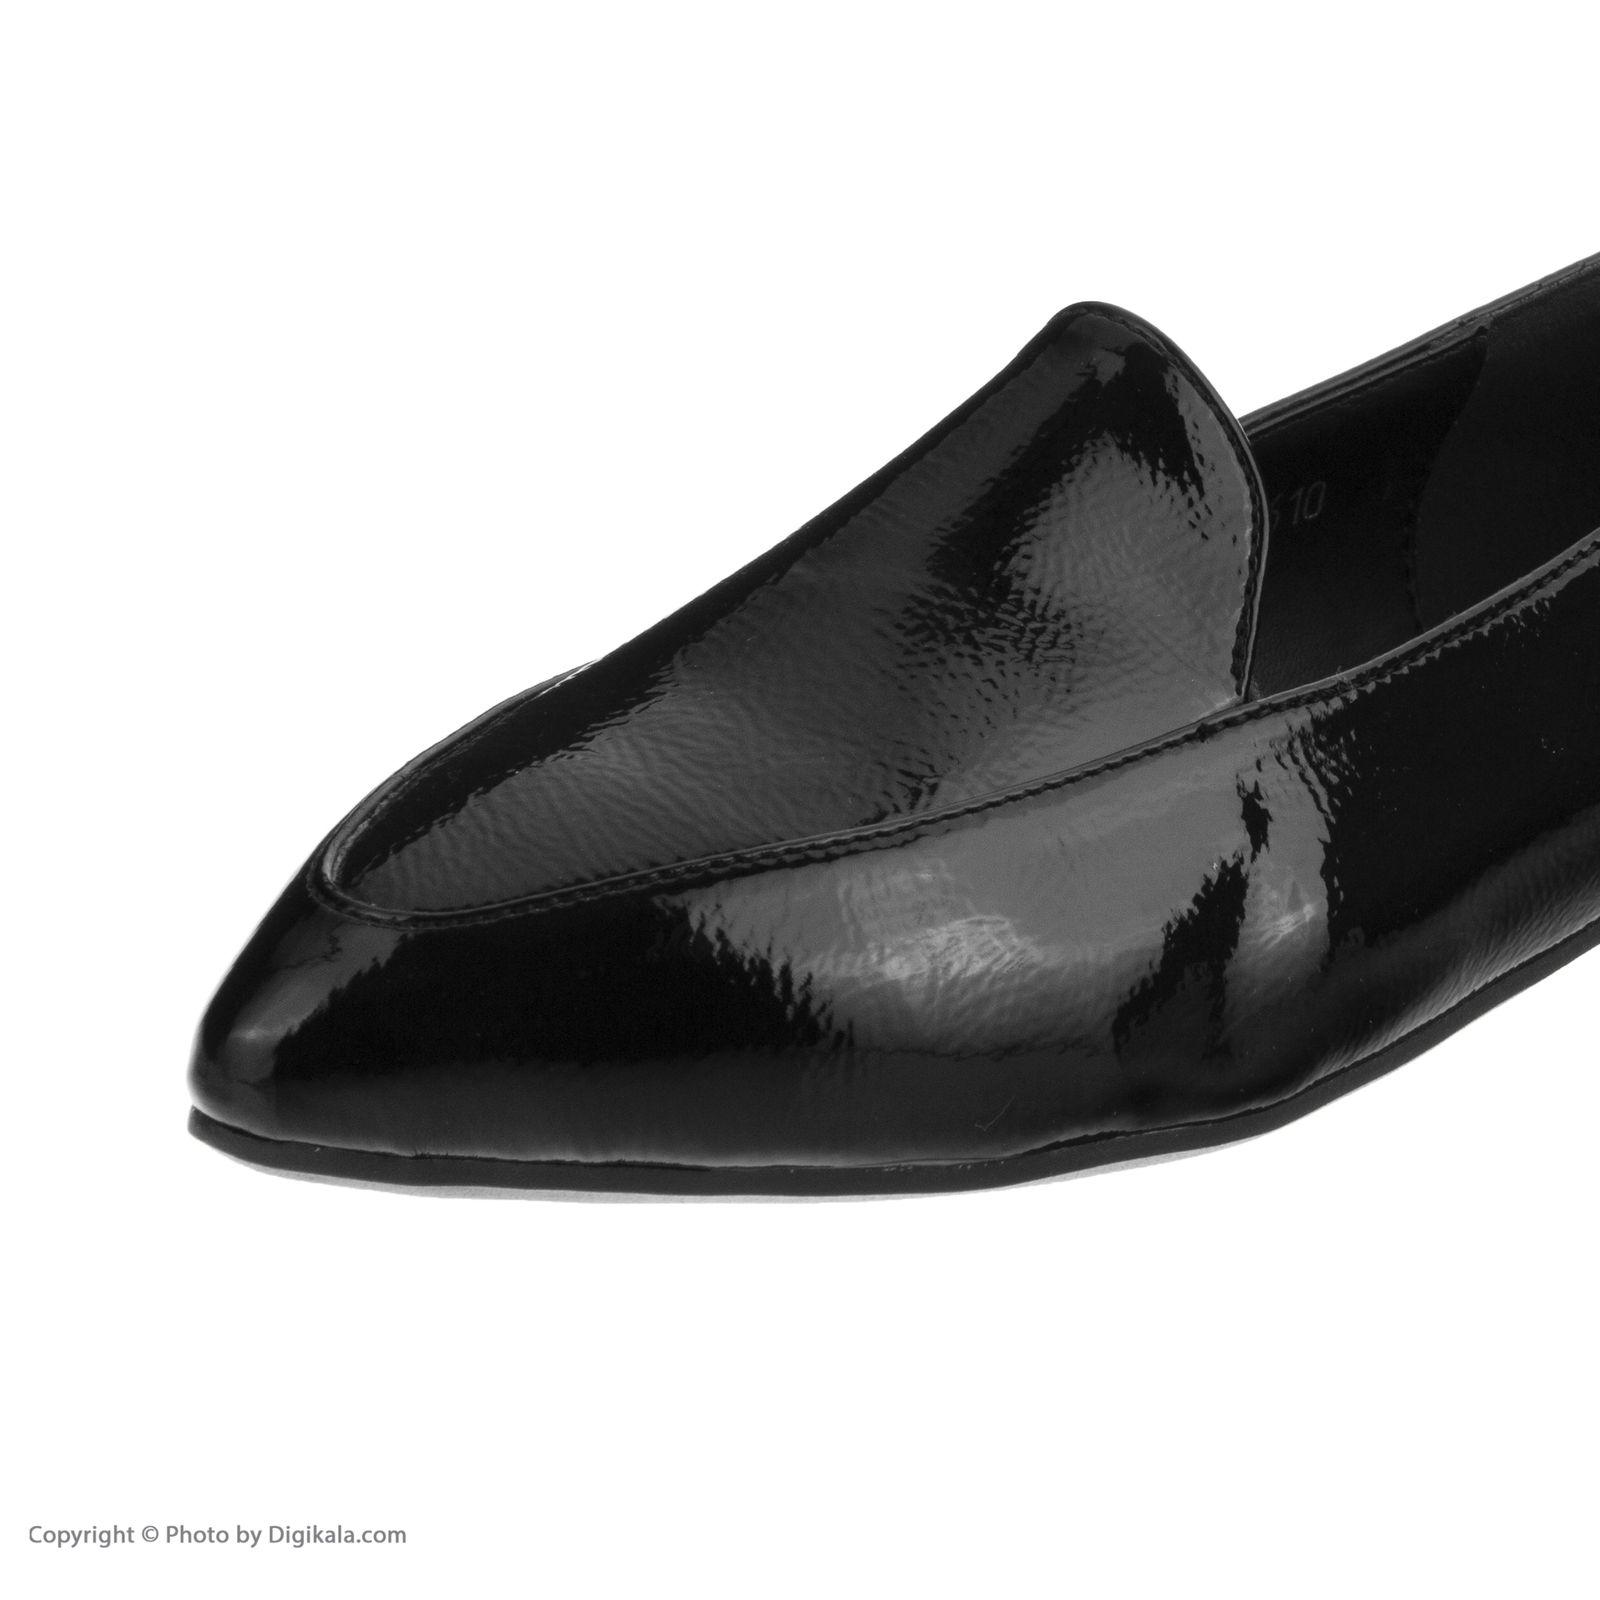 کفش زنانه زبرا مدل 6105 -  - 5